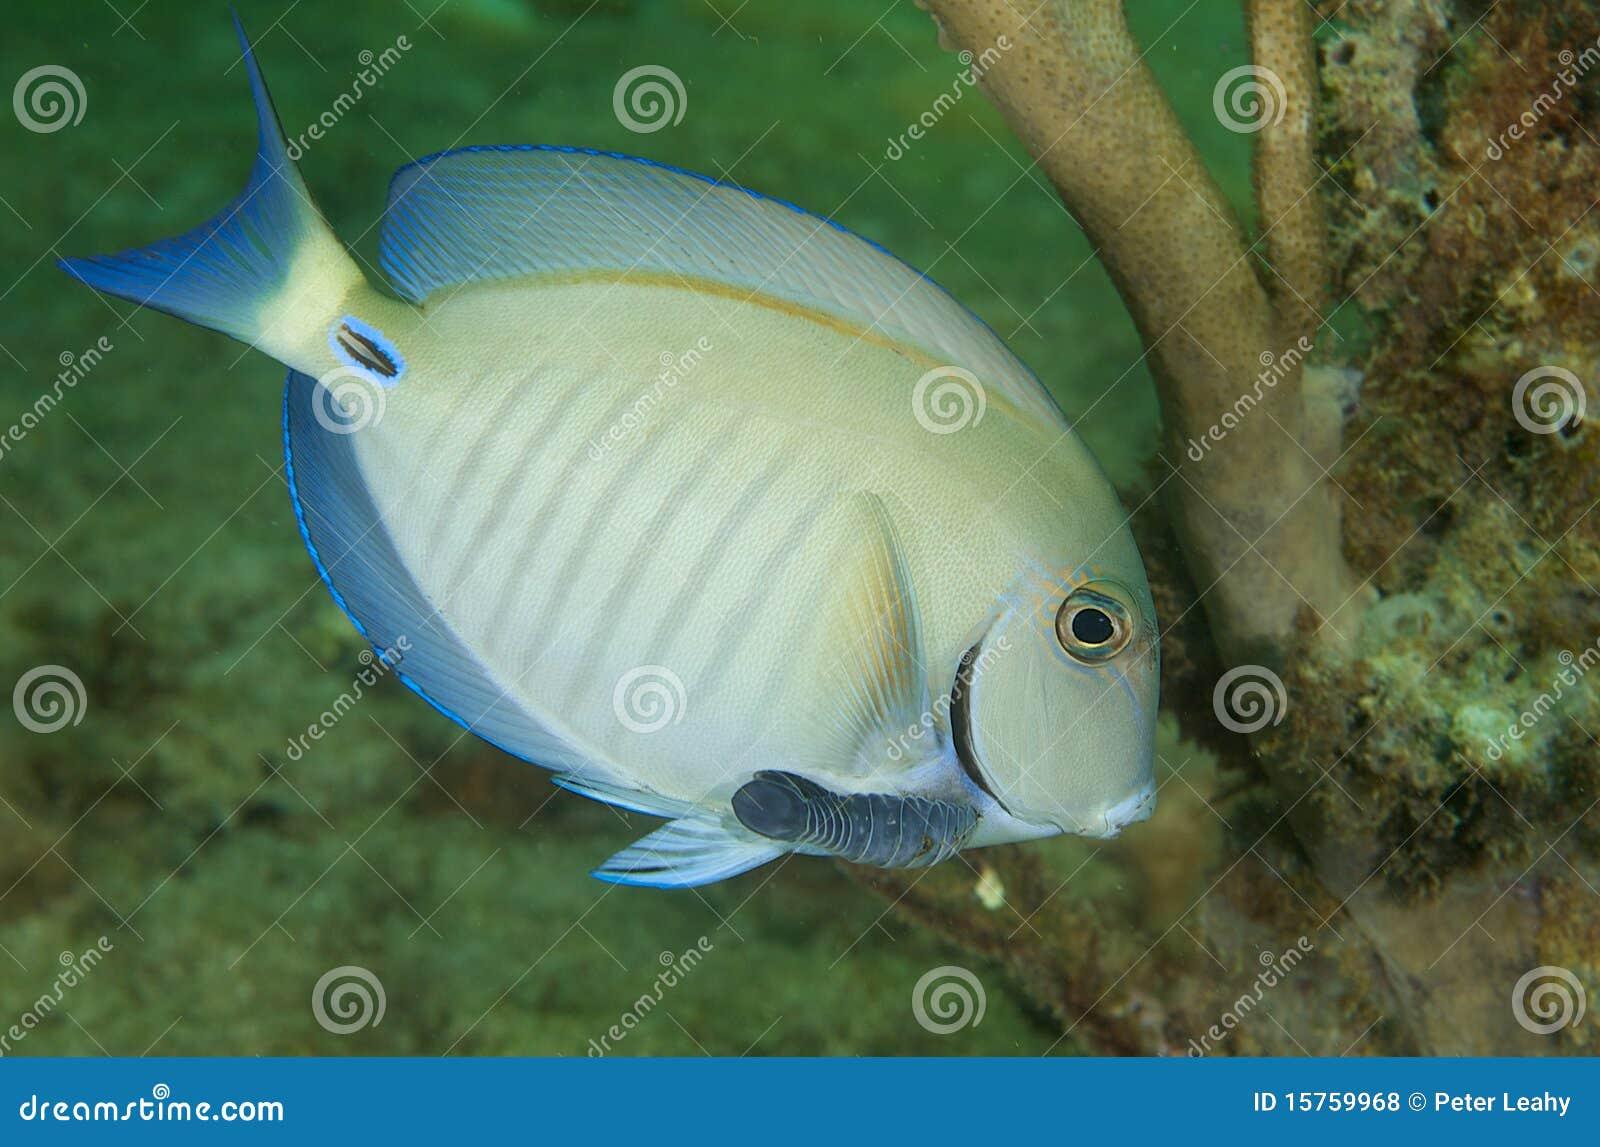 Doctorfish - photo#10